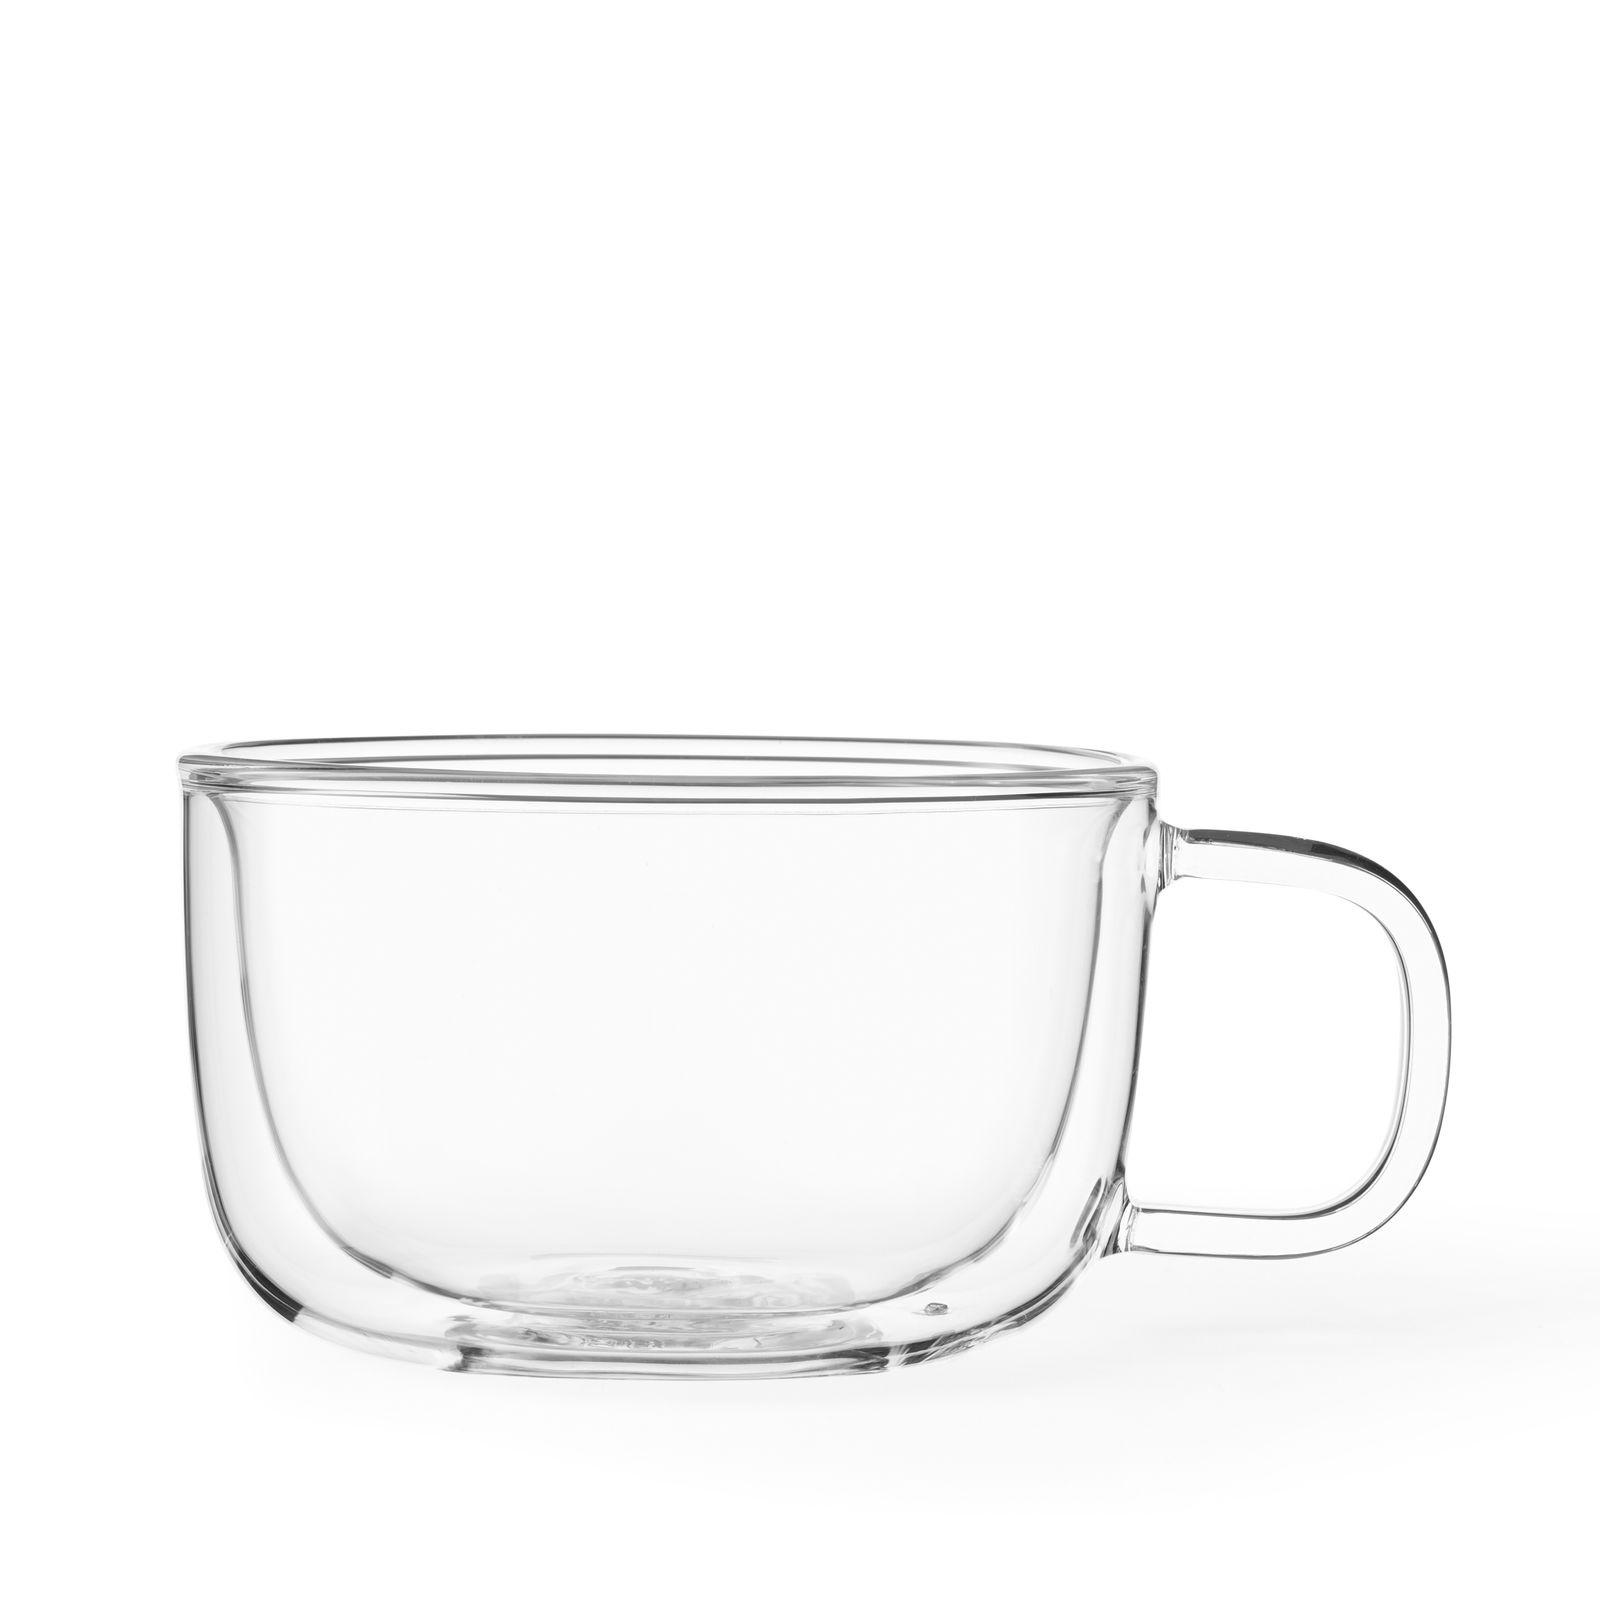 Viva Classic Glas Dubbelwandig 500 ml Set van 2 Stuks